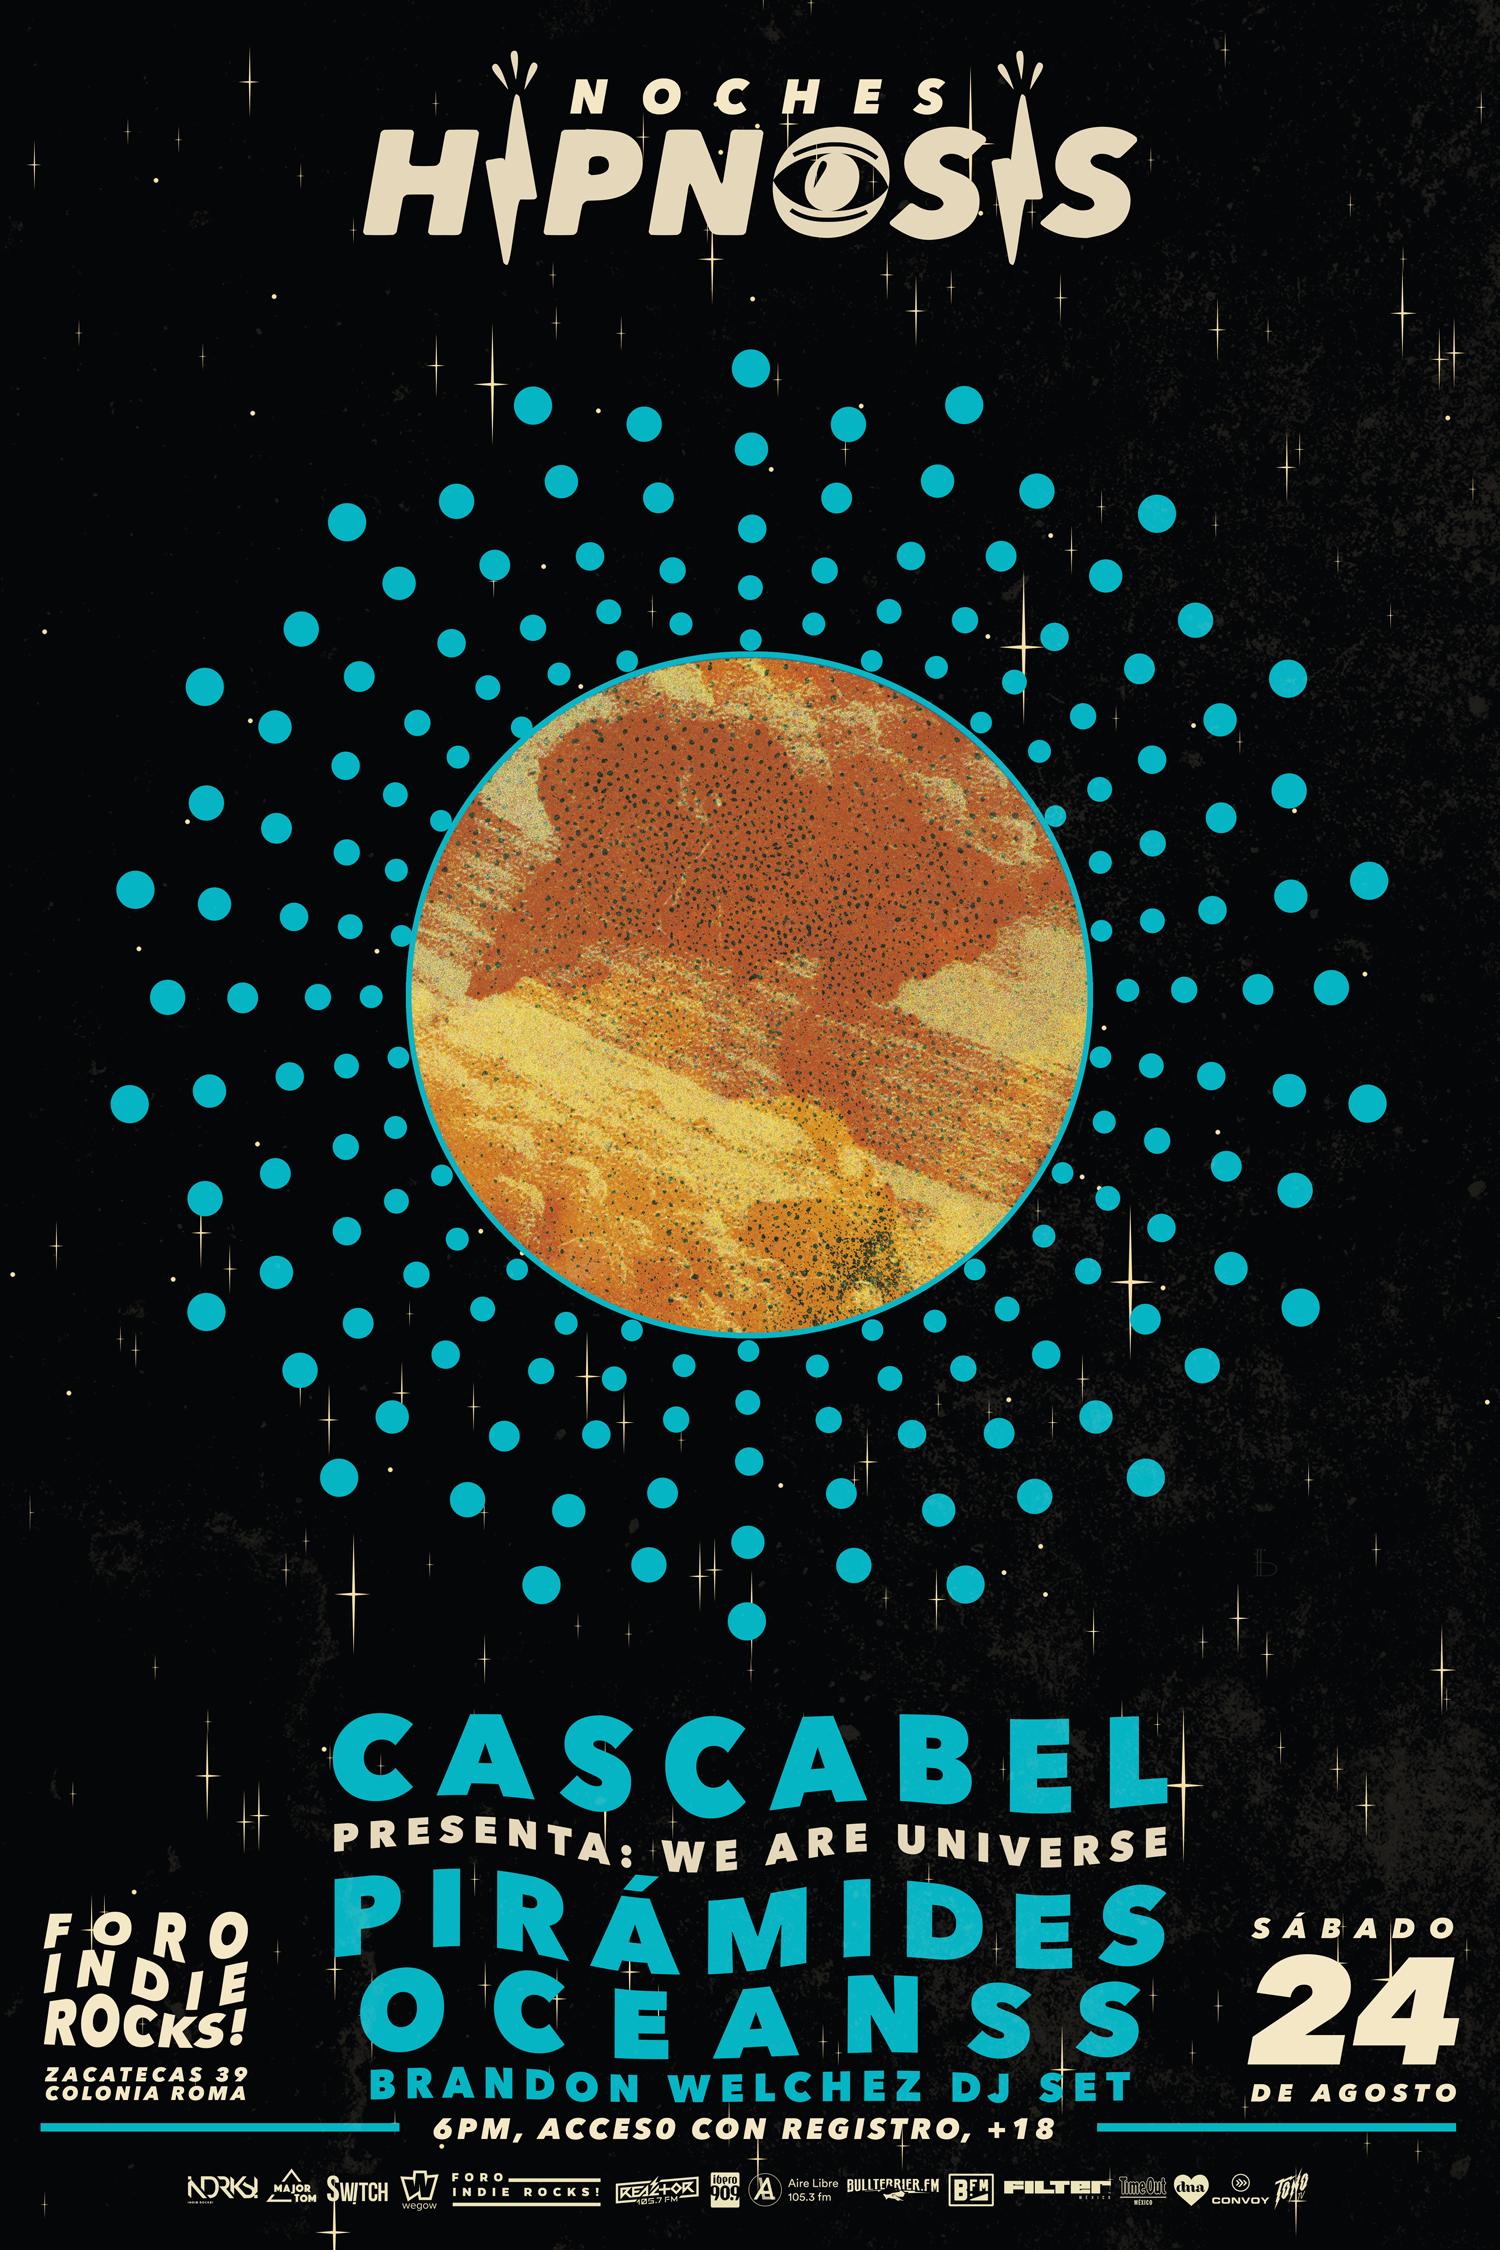 CASCABEL Y SU NUEVO DISCO WE ARE THE UNIVERSE EN NOCHES HIPNOSIS. GRATIS